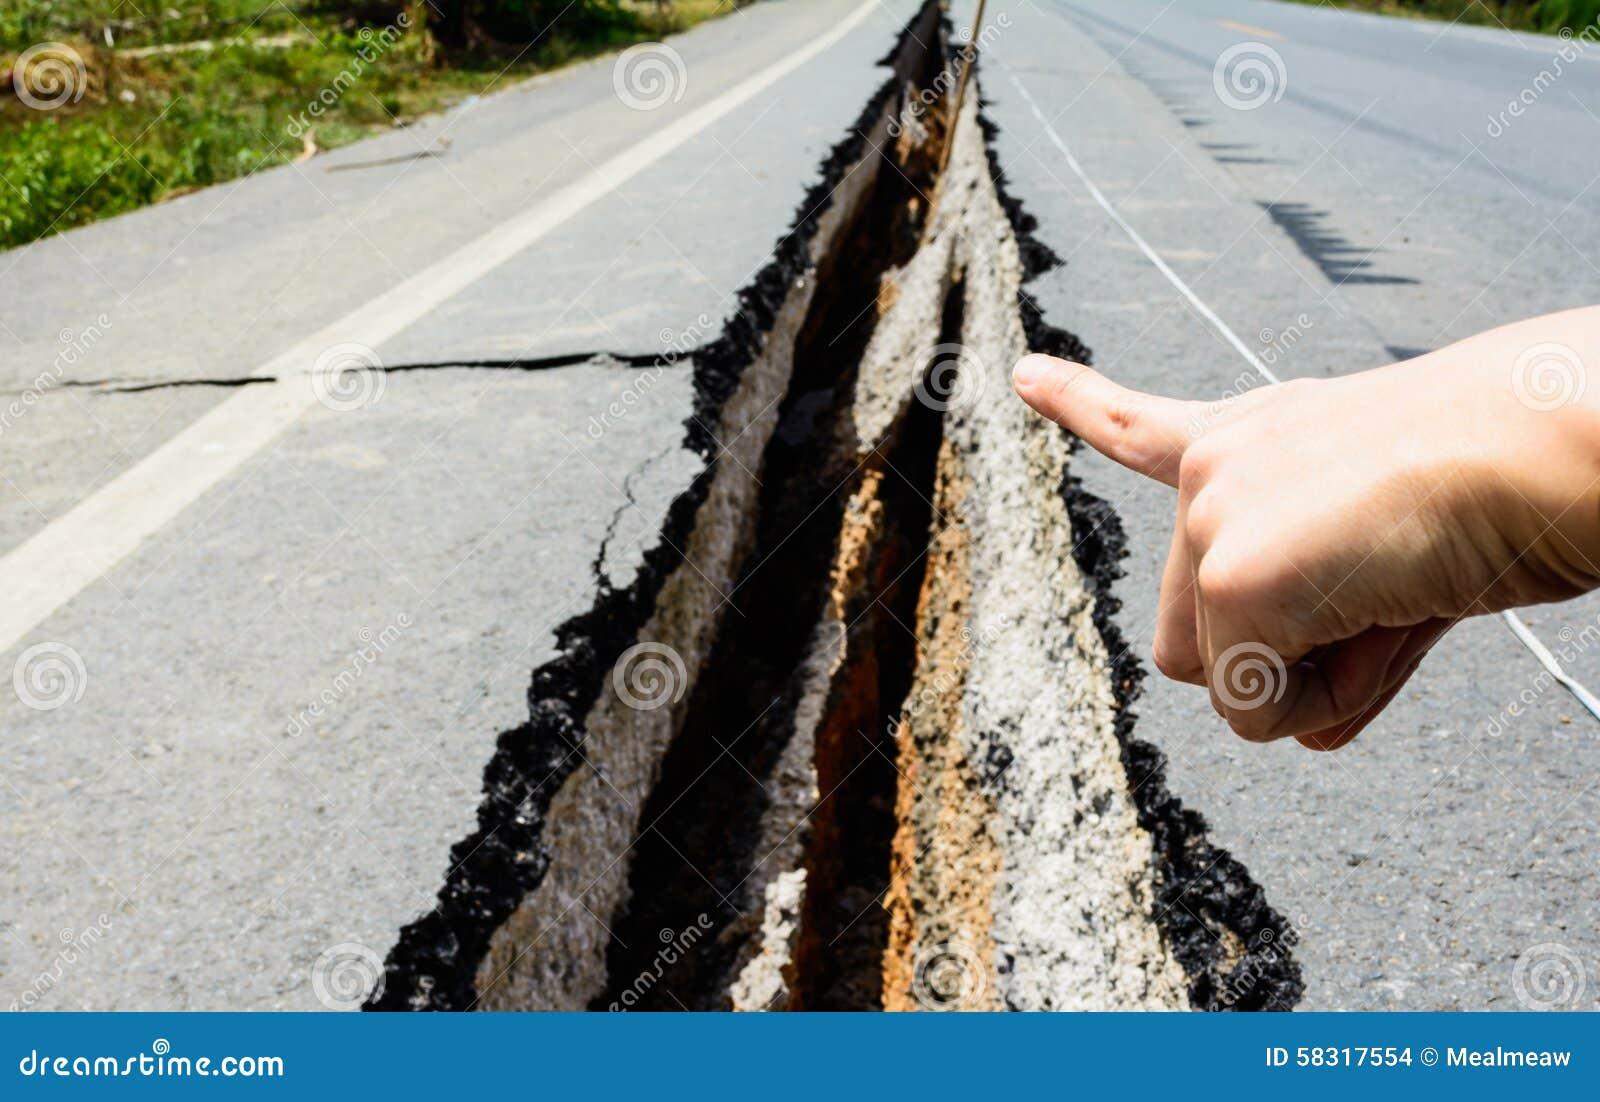 Σημείο χεριών στο ραγισμένο δρόμο, ραγισμένος οδικός aftetr σεισμός